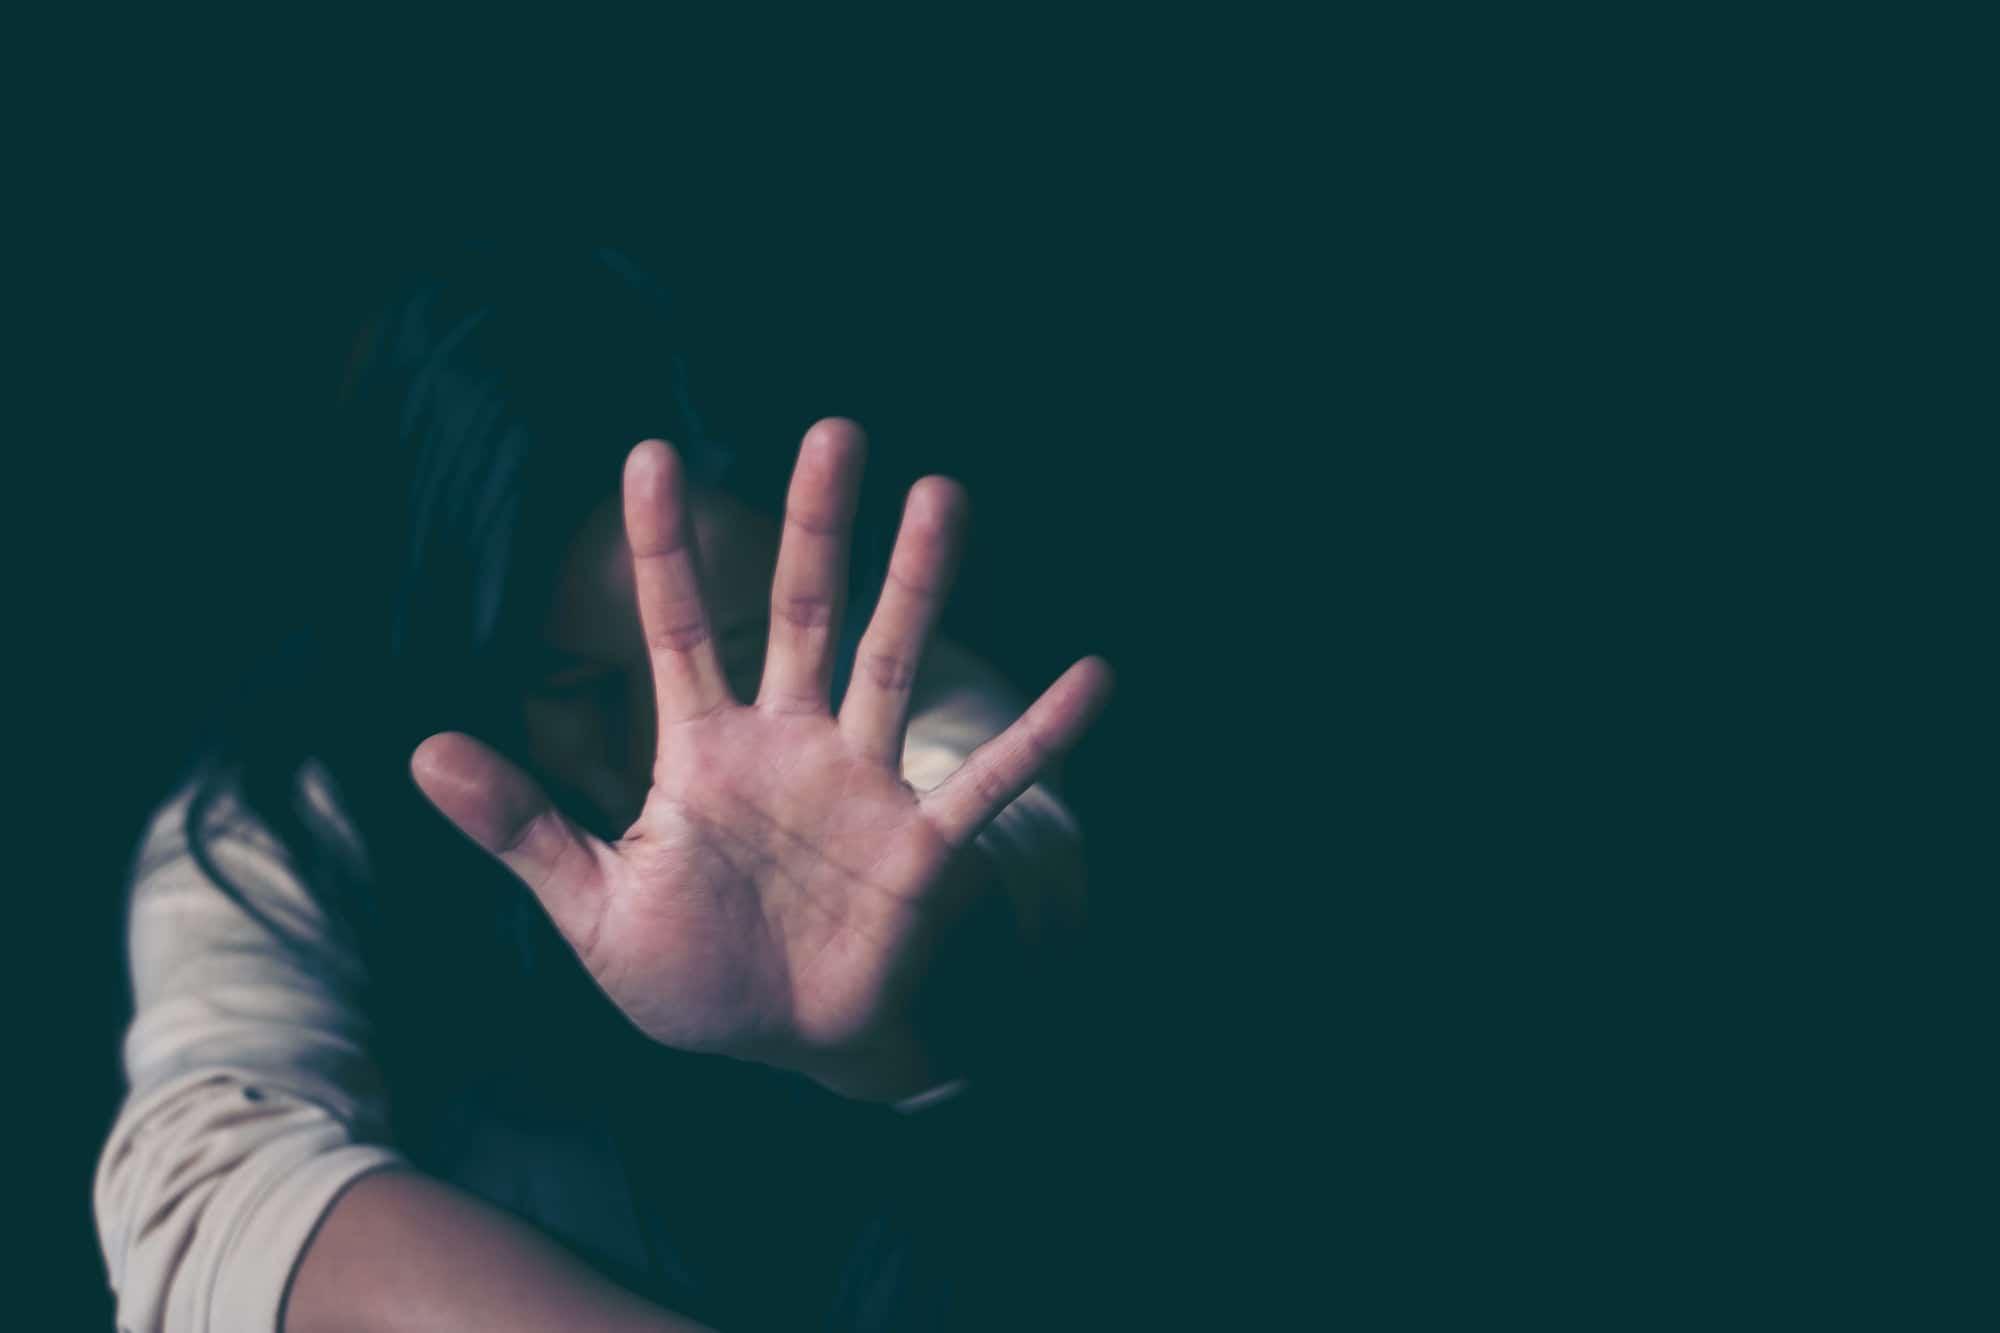 Giornata contro la violenza sulle donne: un occasione per riflettere | Dipendiamo.blog